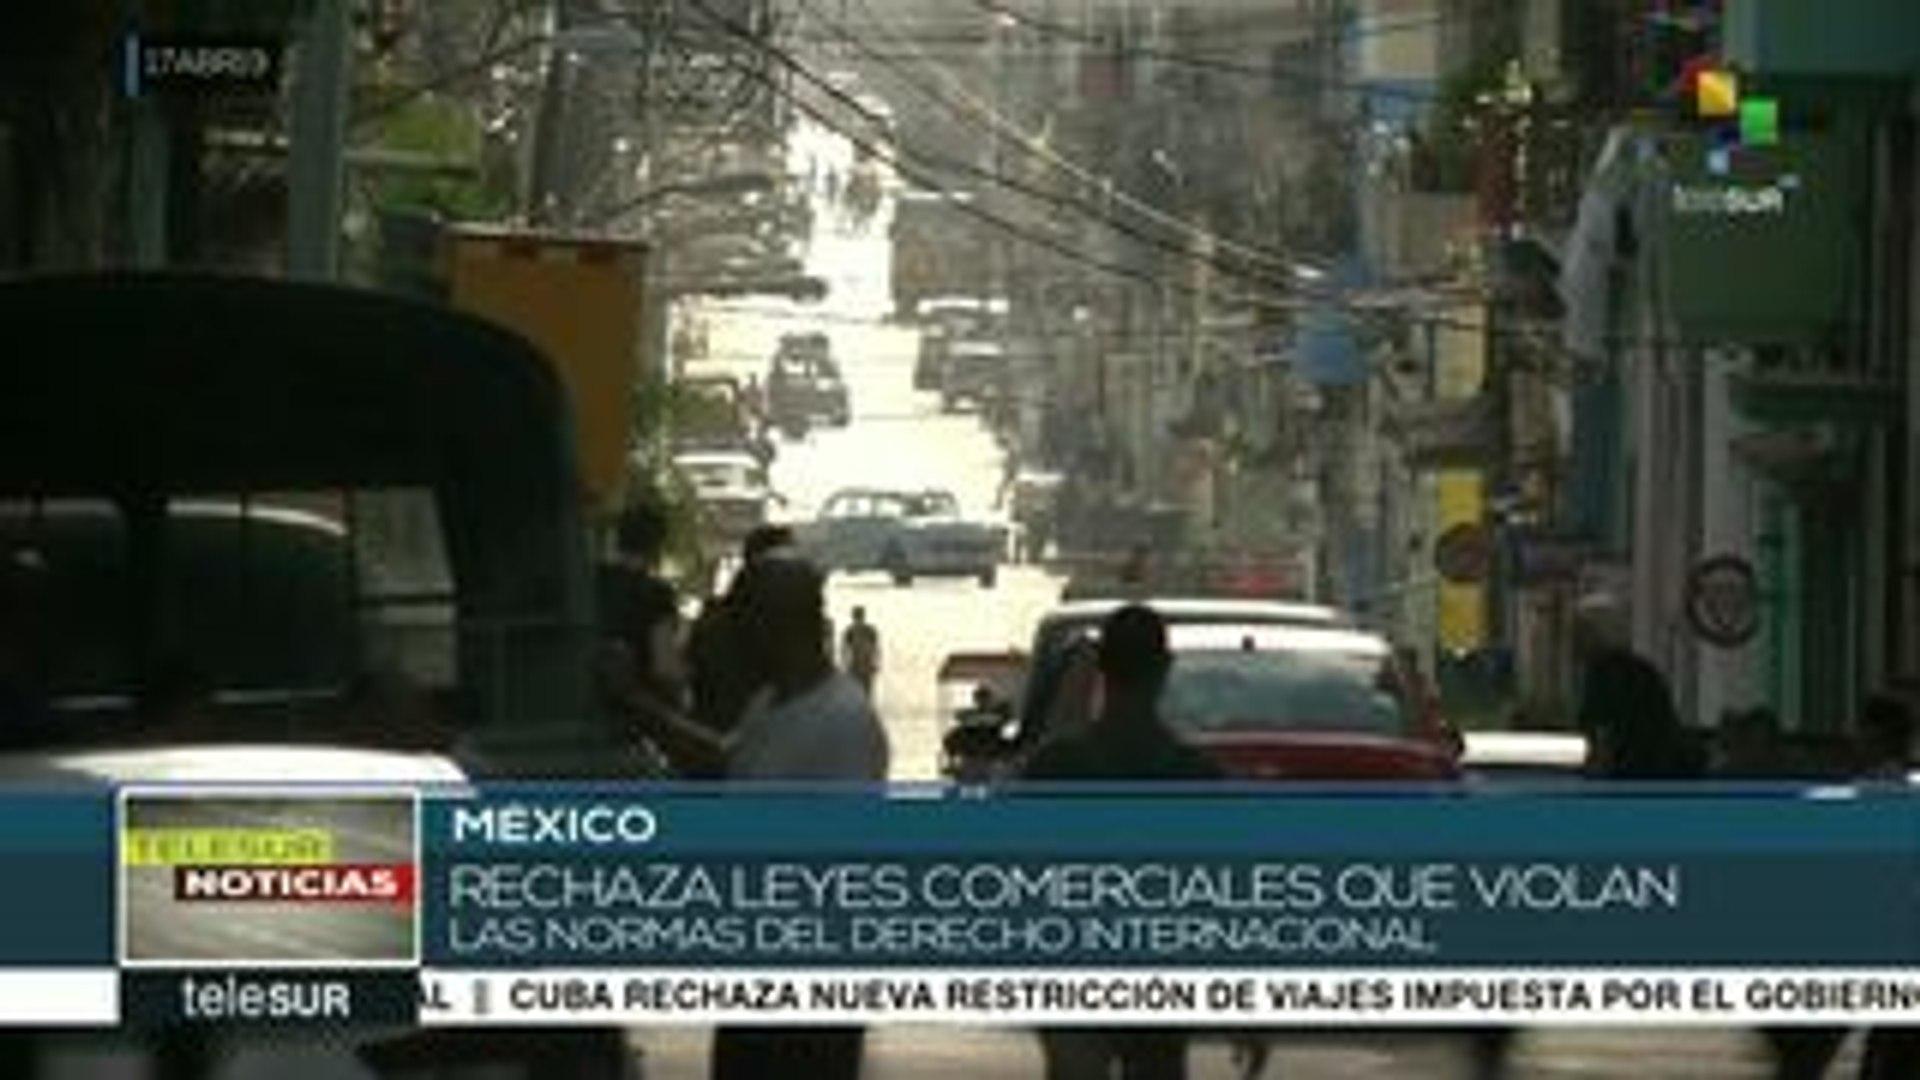 México lamenta que EEUU decida aplicar la Ley Helms-Burton contra Cuba